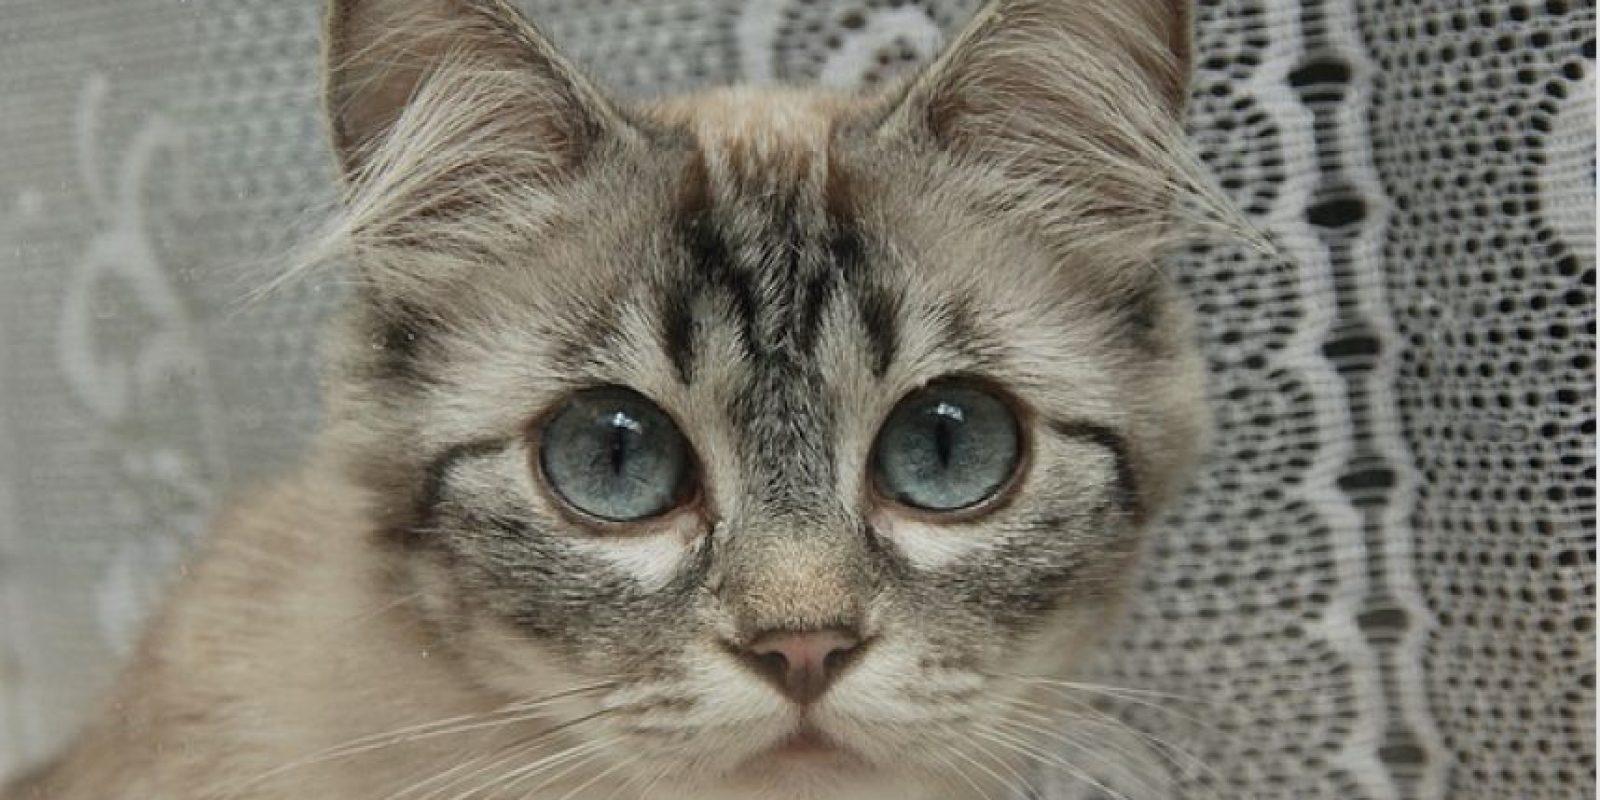 4. El vídeo más viejo de gatos en YouTube se remonta a 1894 Foto:Pixabay